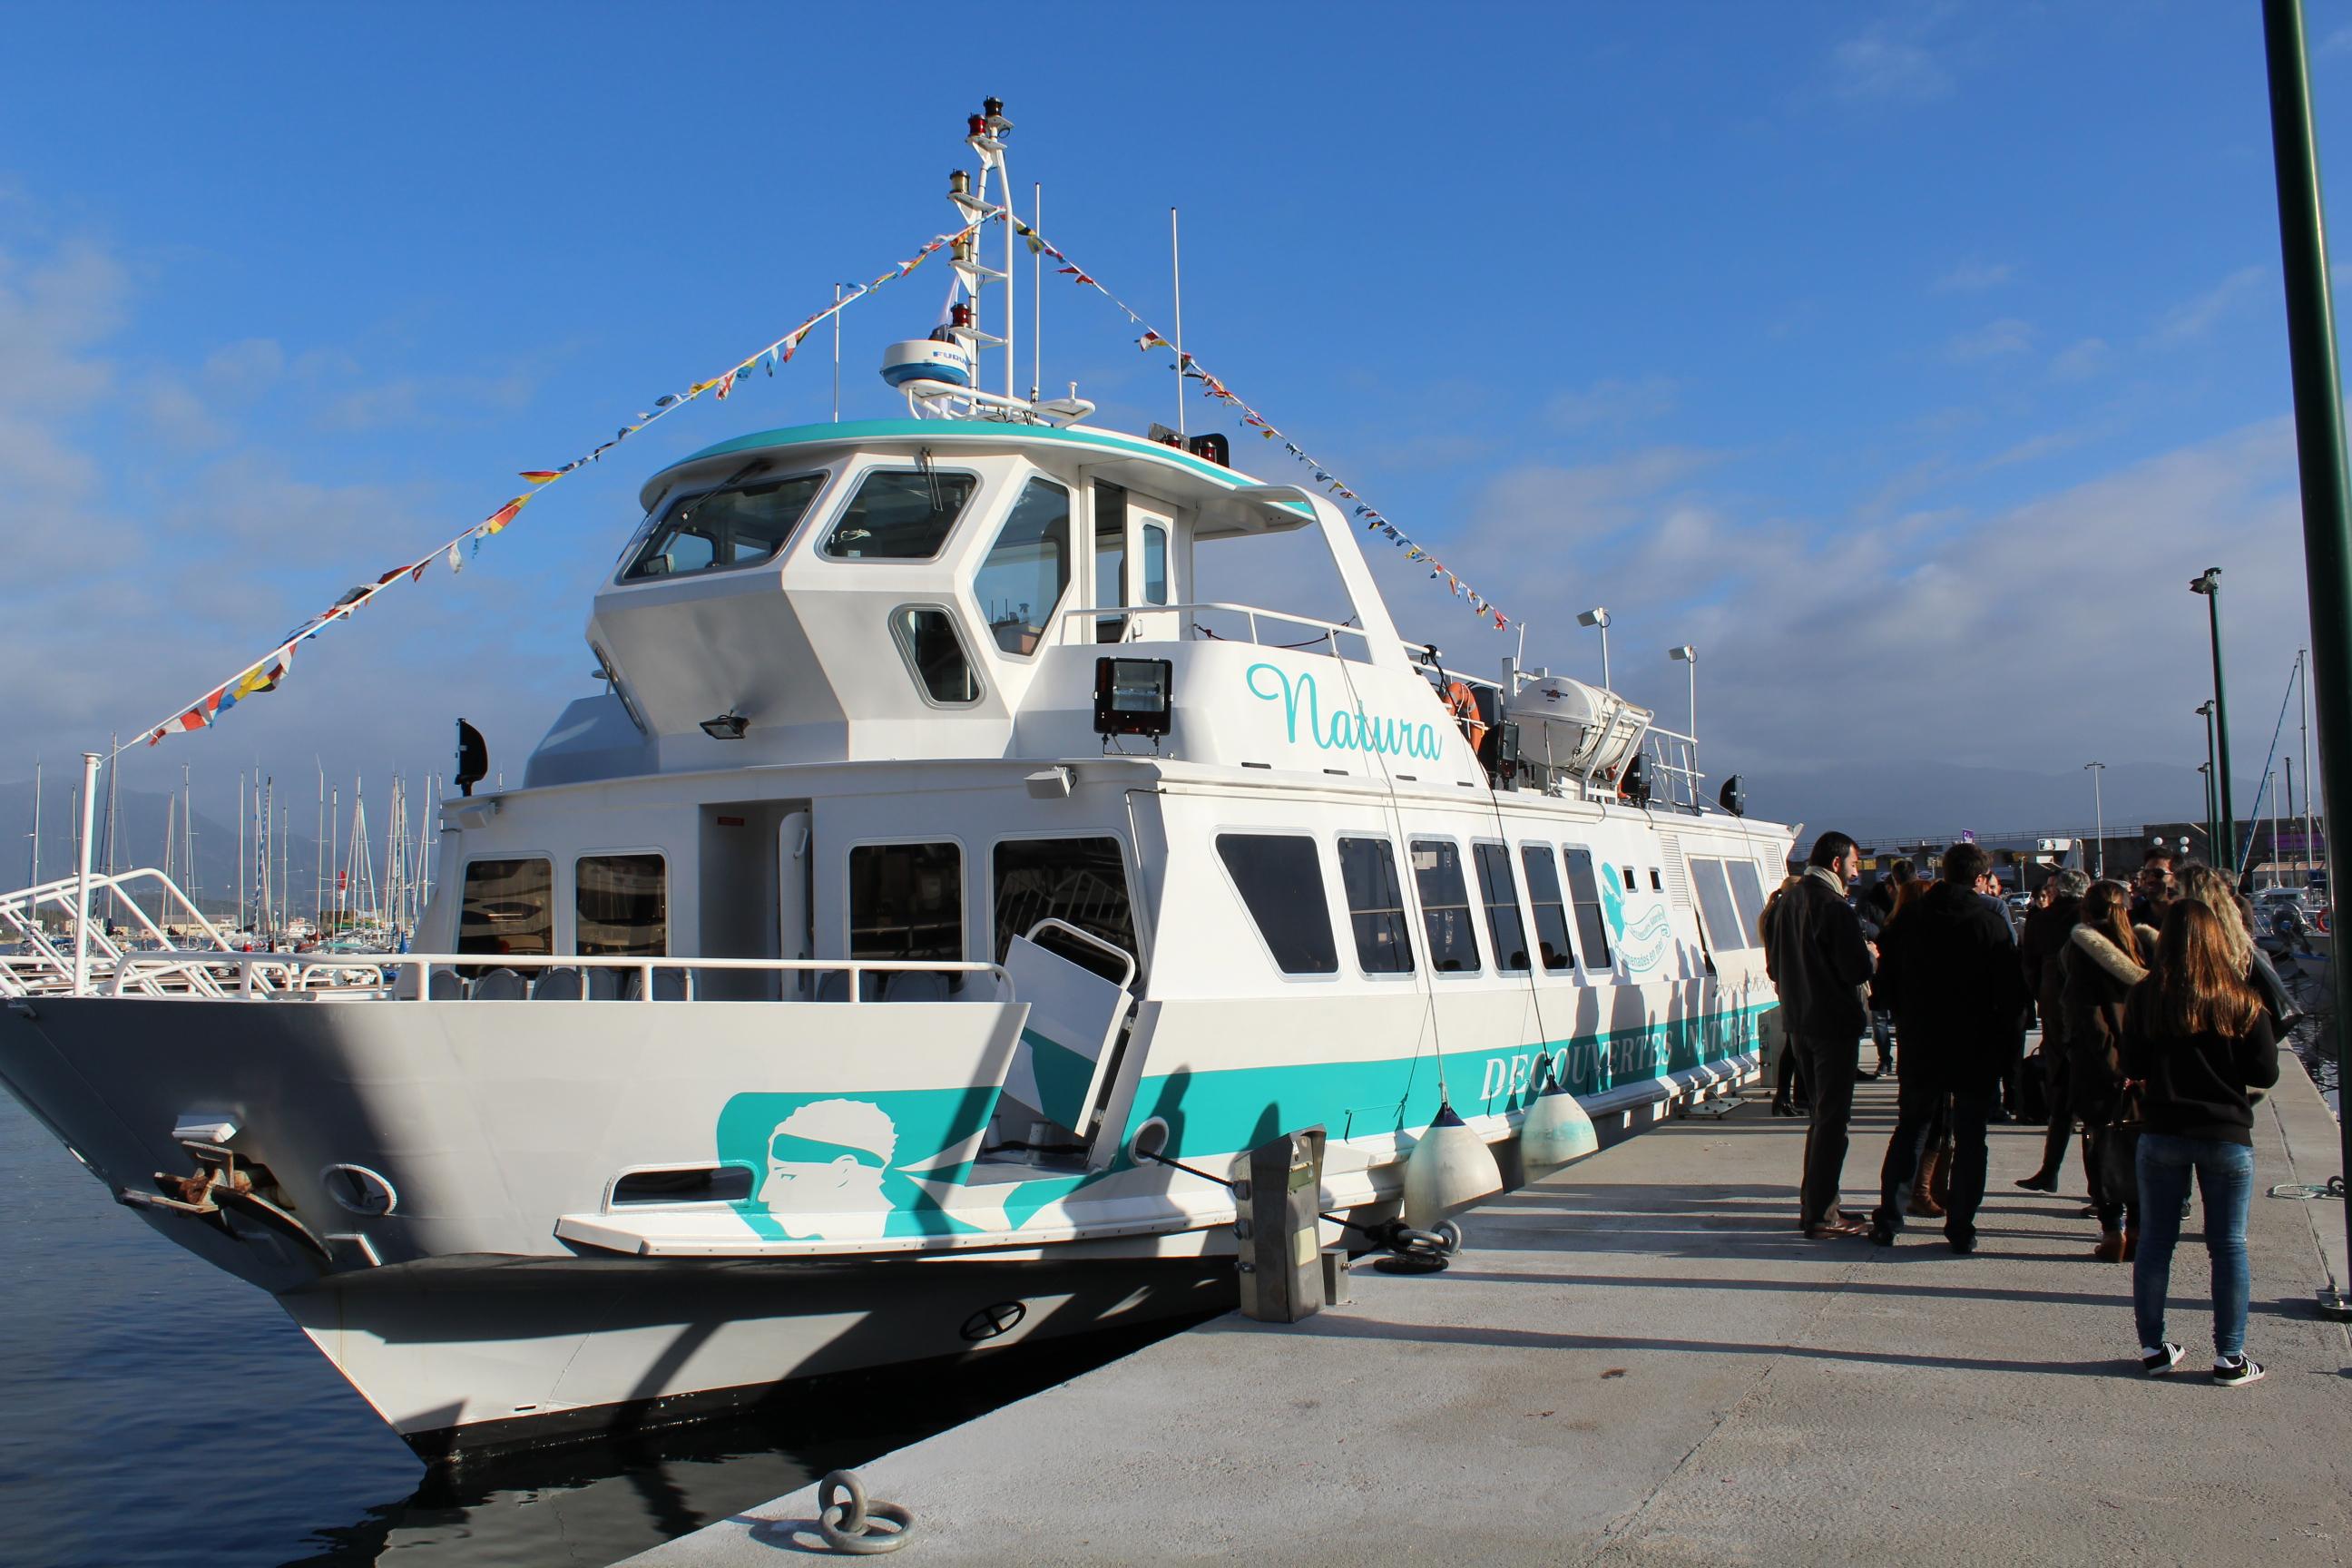 Bus & navettes maritimes gratuits sur certaines périodes en fin d'année - Ajaccio (2A)